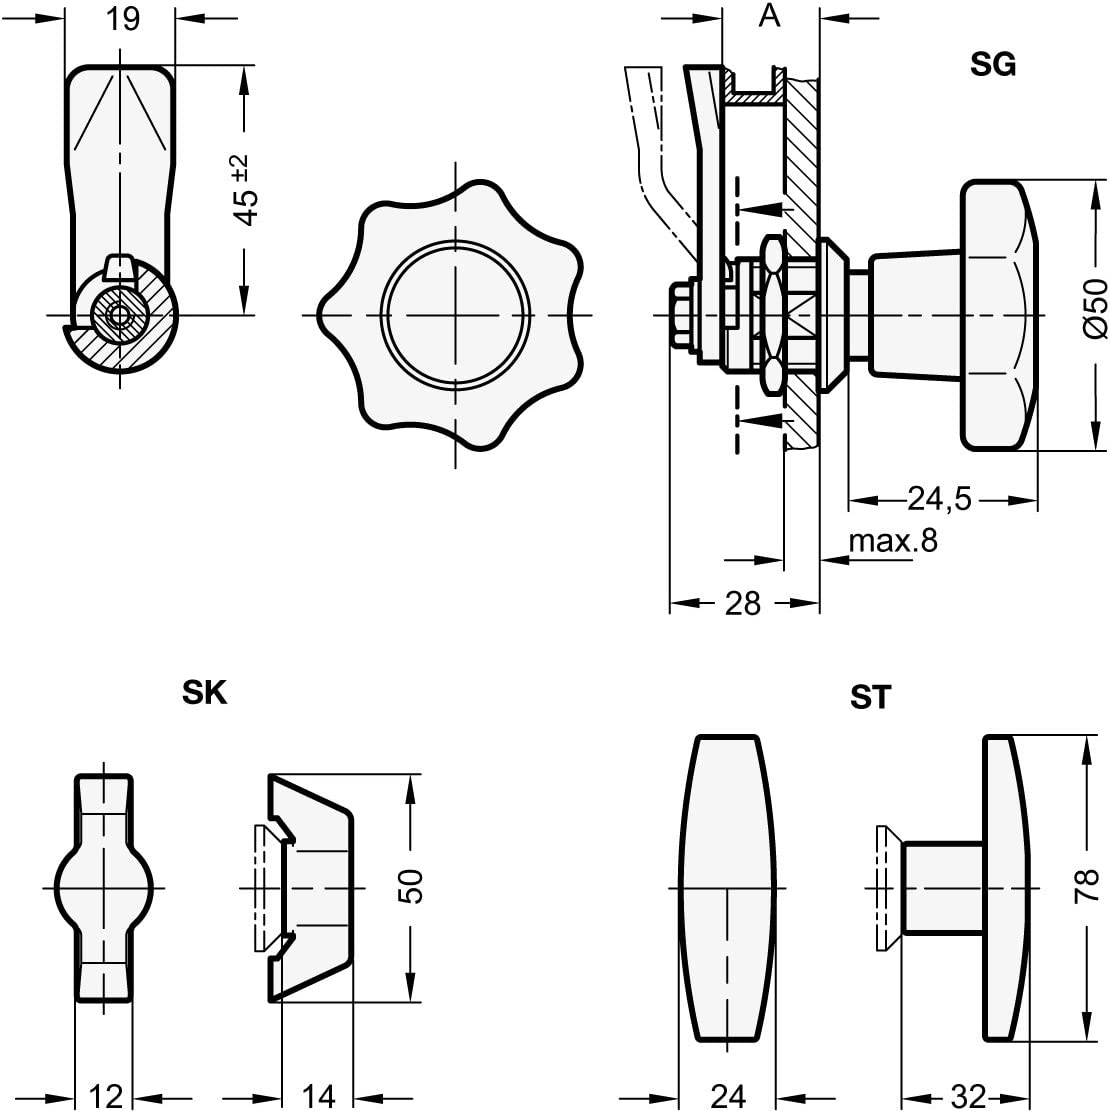 GN 115-ST-24 Bet/ätigung mit T-Griff| 1 St/ück Ganter Normelemente Verriegelungen mit Bedienelement